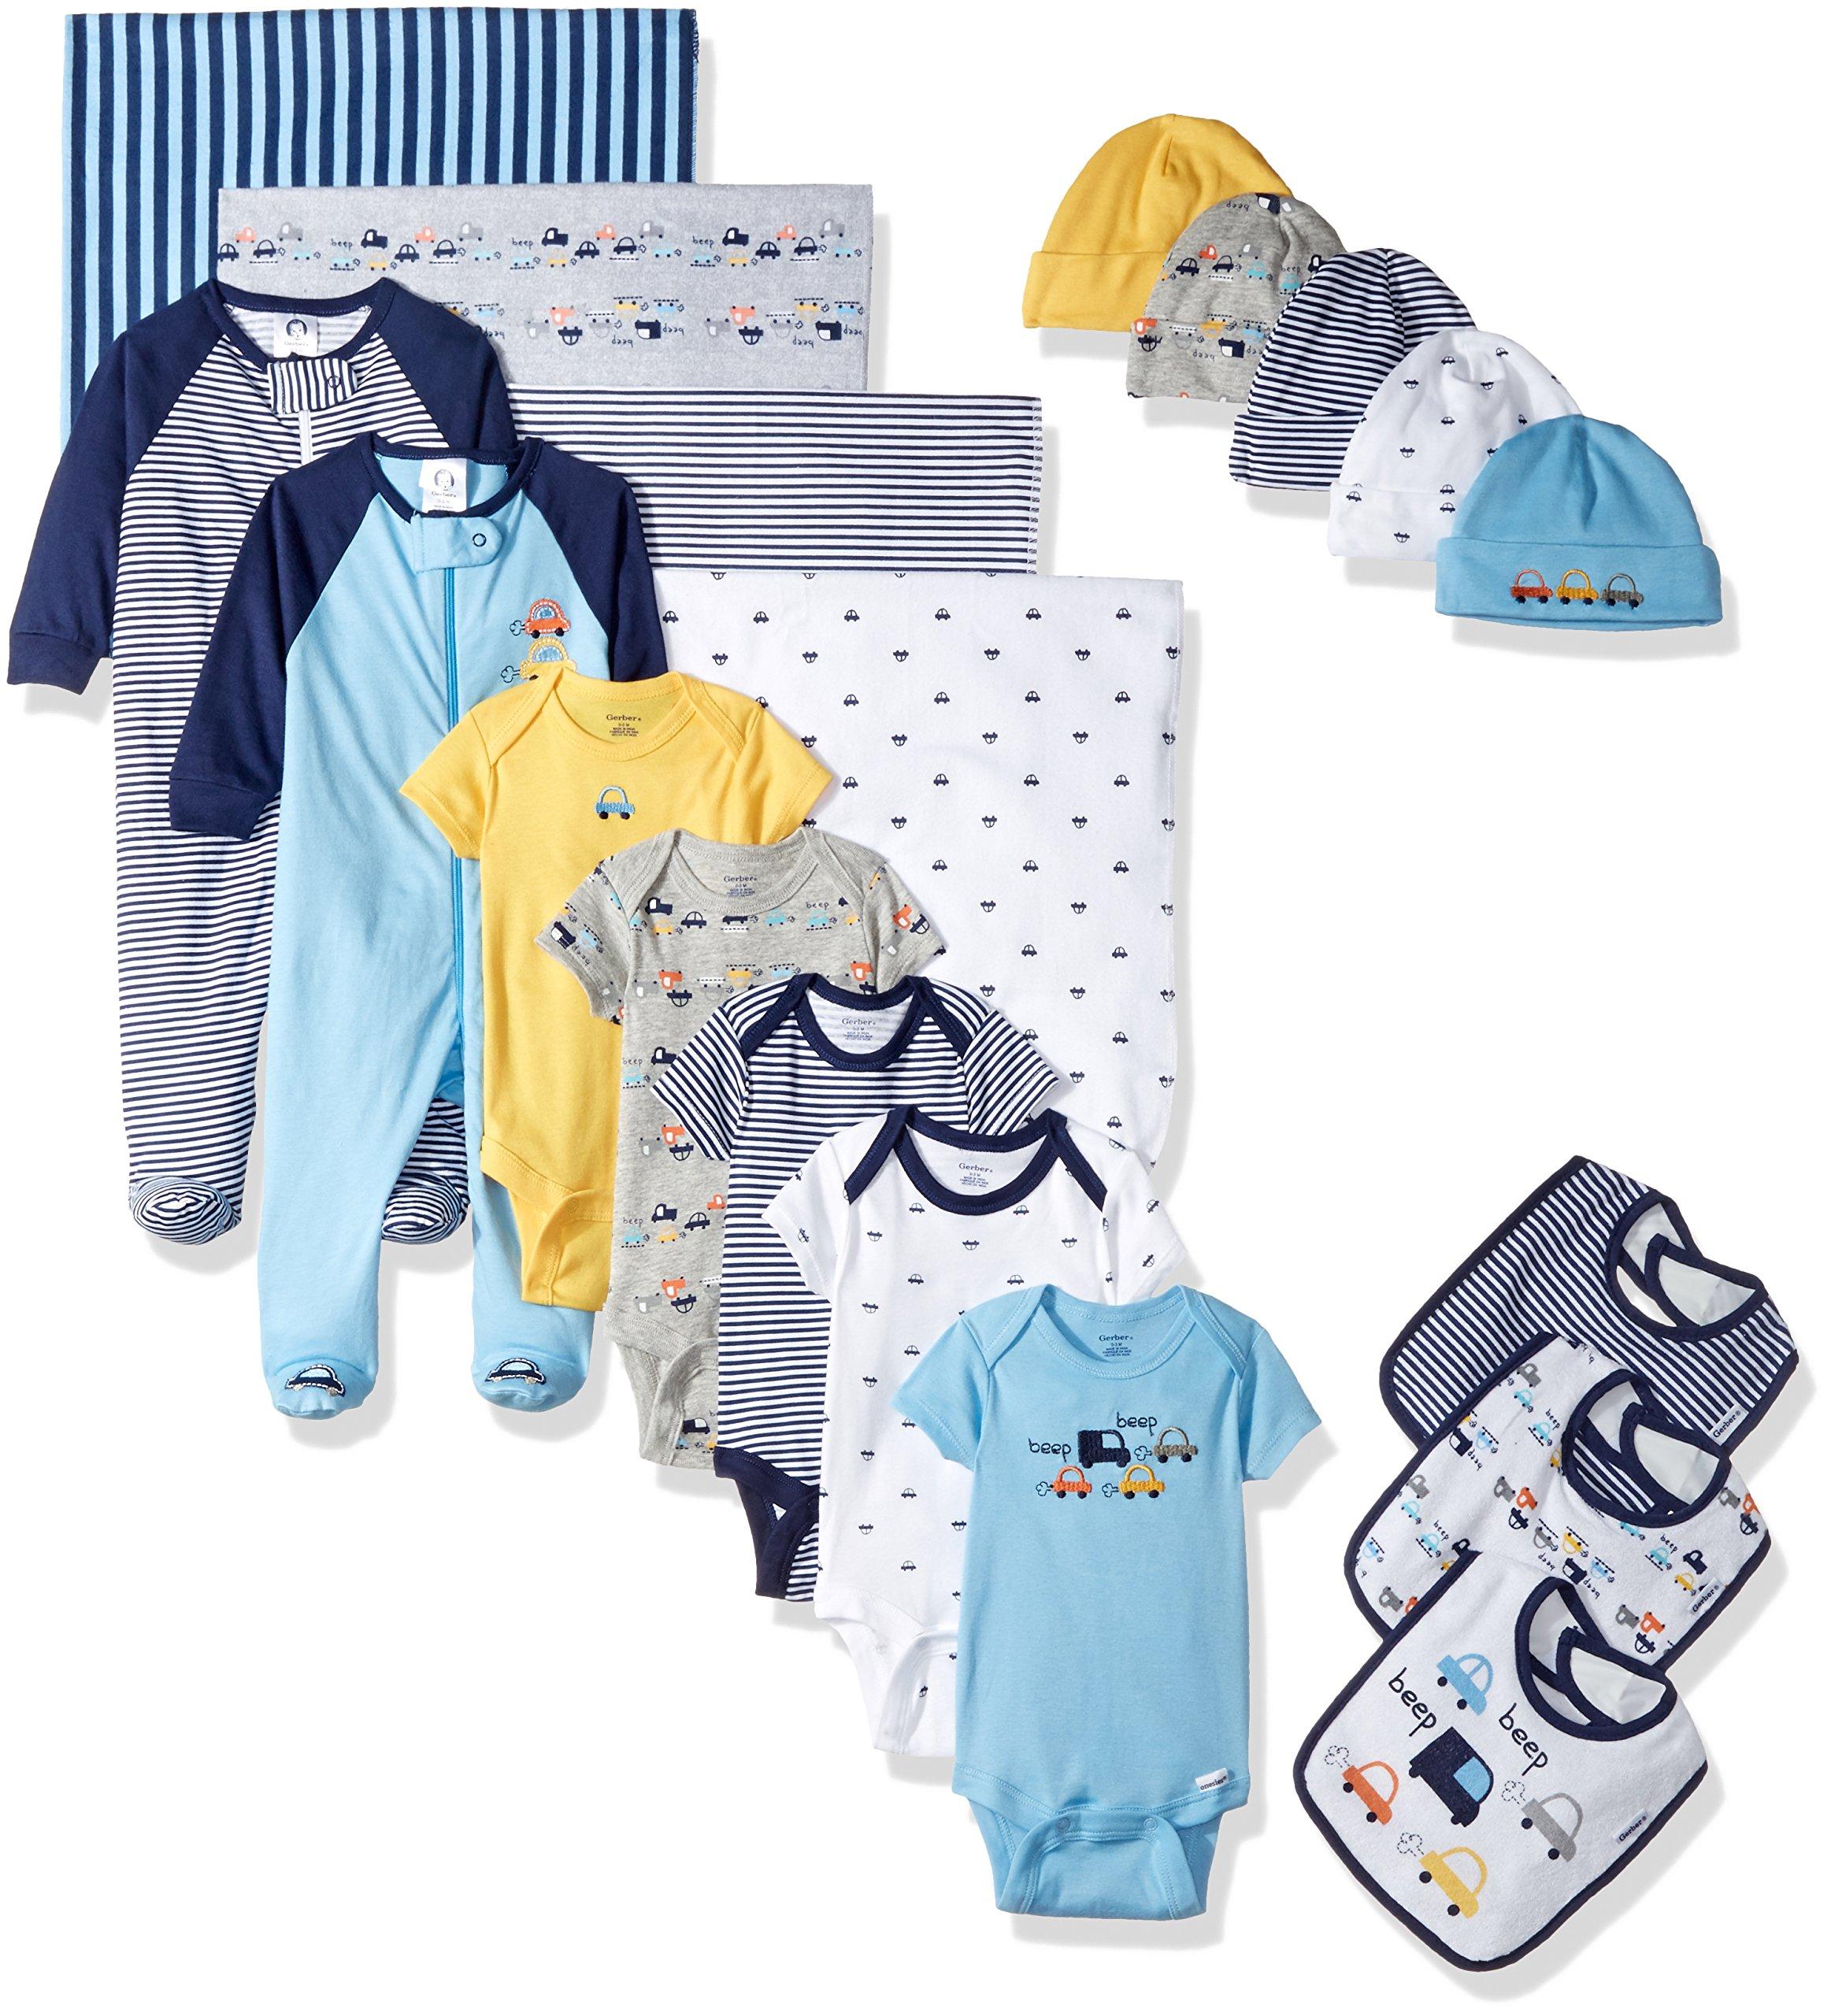 GERBER Baby Boys' 19-Piece Essentials Gift Set, Little Cars, Newborn by GERBER